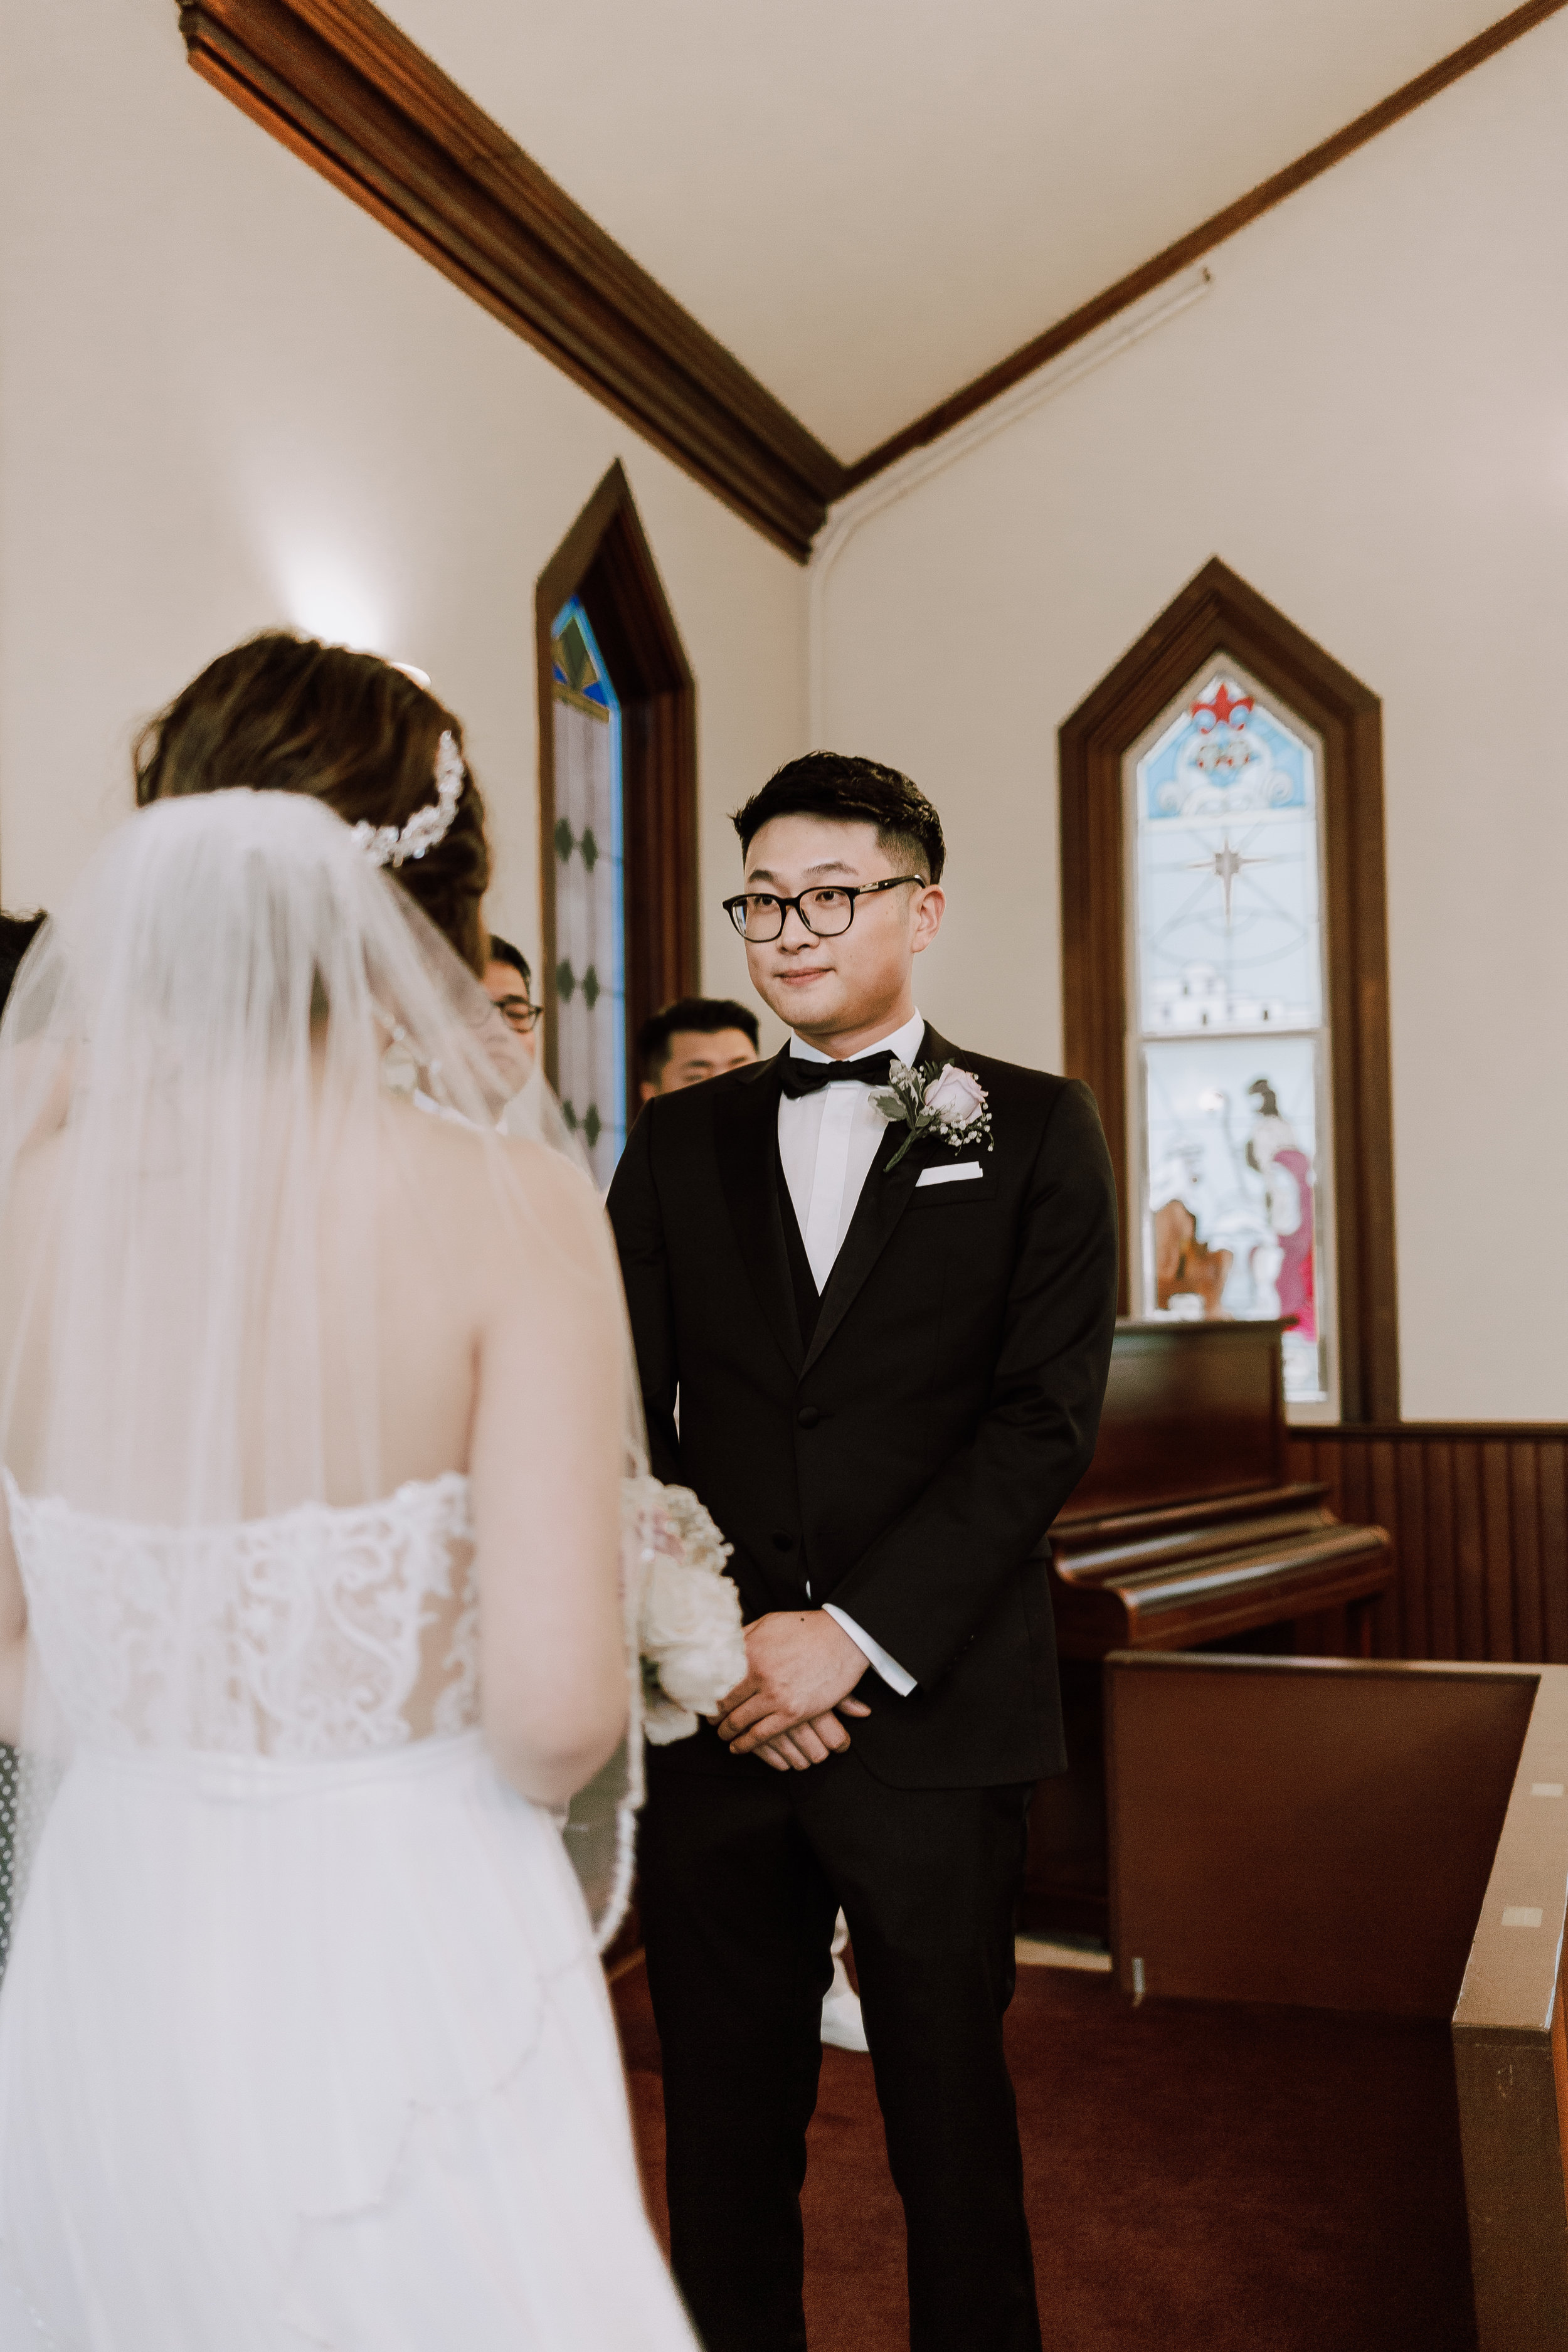 Wedding 090818-49.jpg